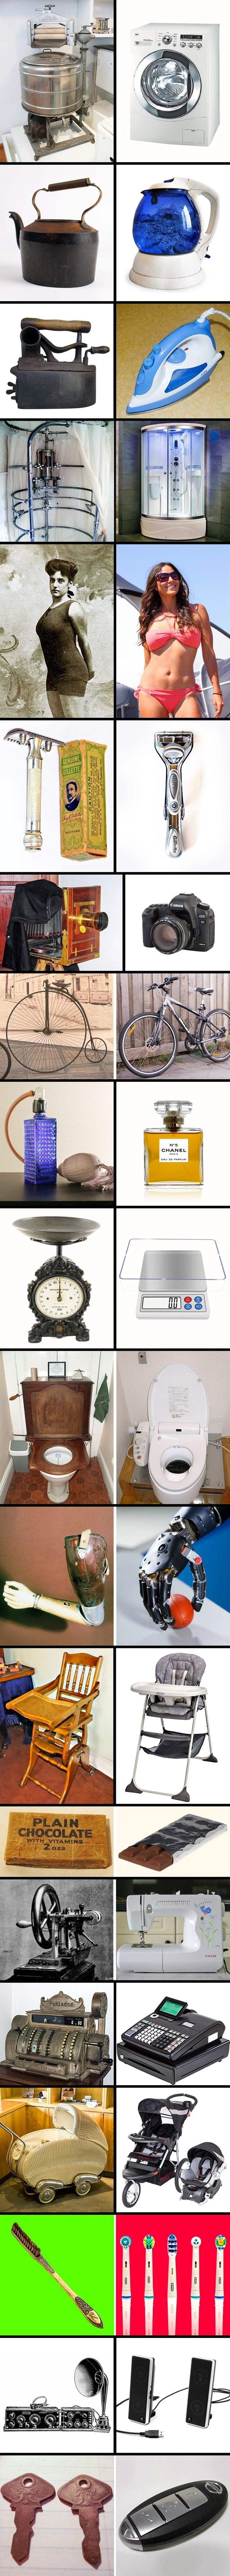 20 usporedbi koje pokazuju kako su stvari koje svakodnevno koristimo nekada izgledale